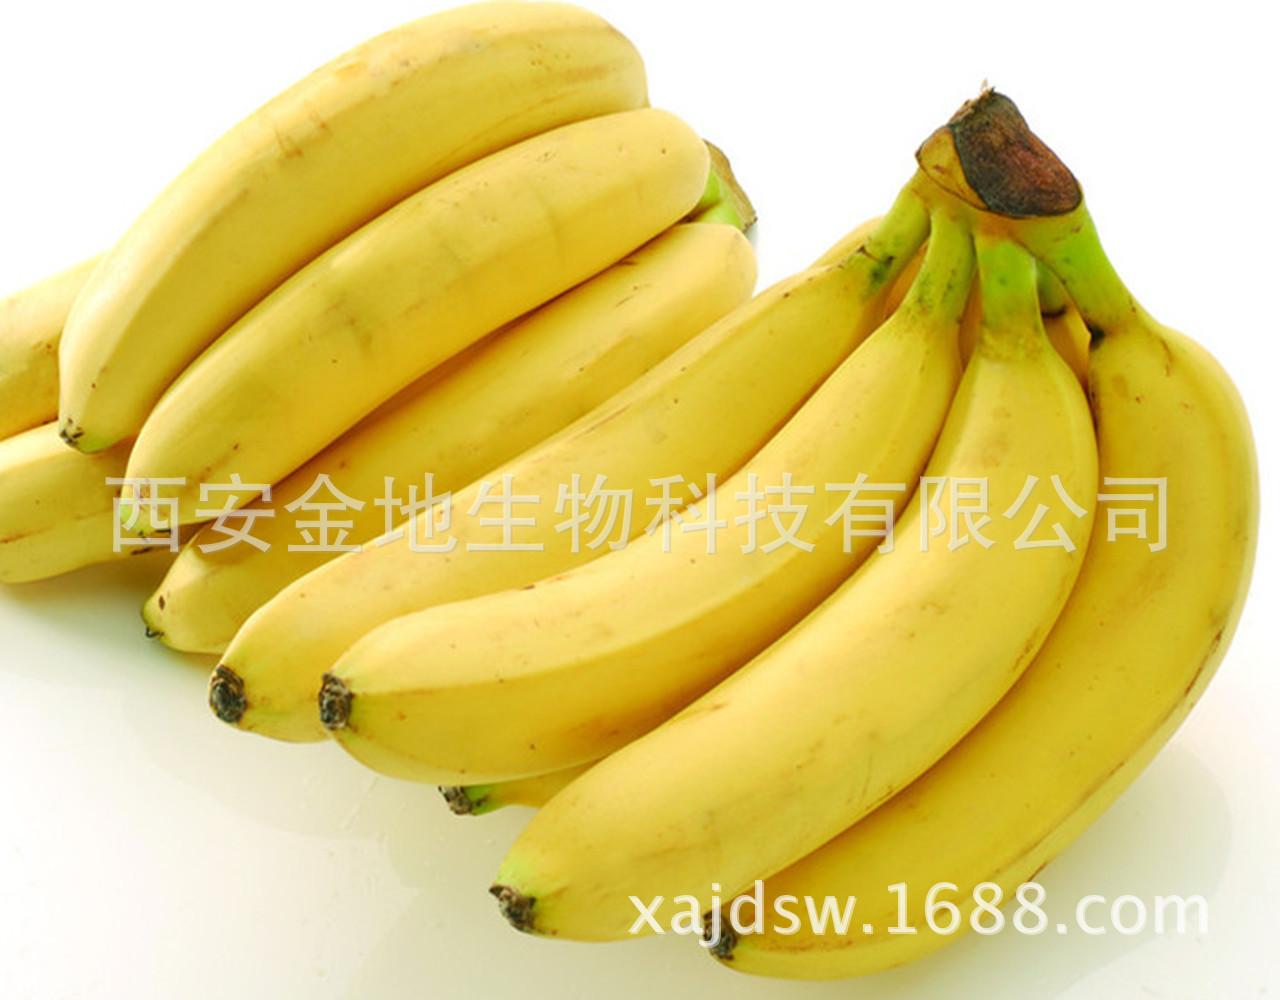 【诚信通会员,厂家批发】,天然,香蕉提取物/香蕉果粉